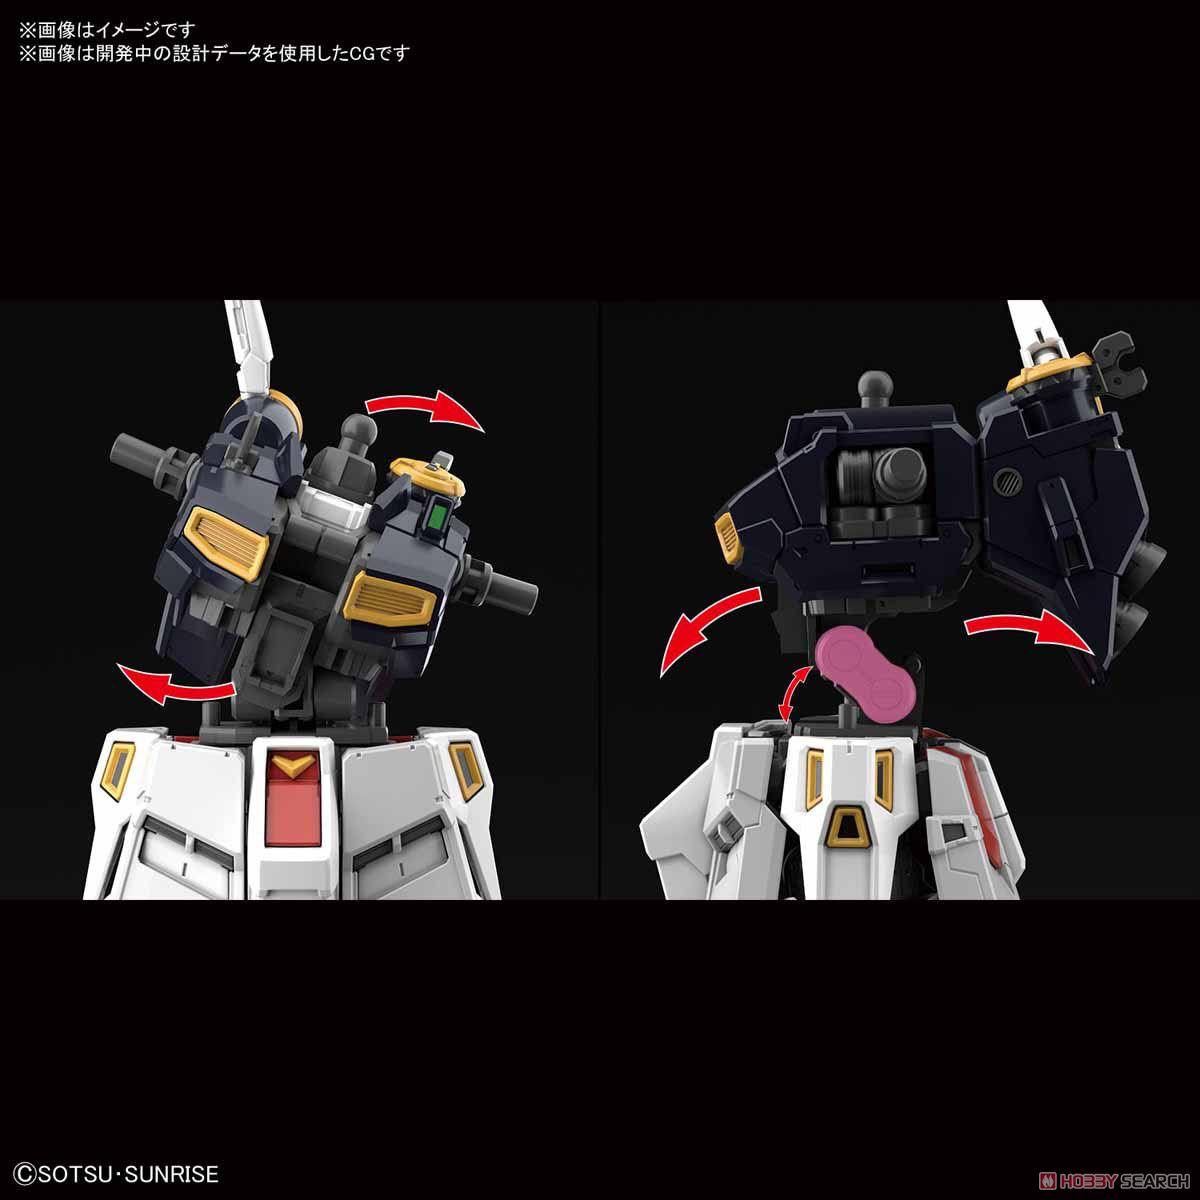 【再販】RG 1/144『νガンダム』逆襲のシャア プラモデル-006